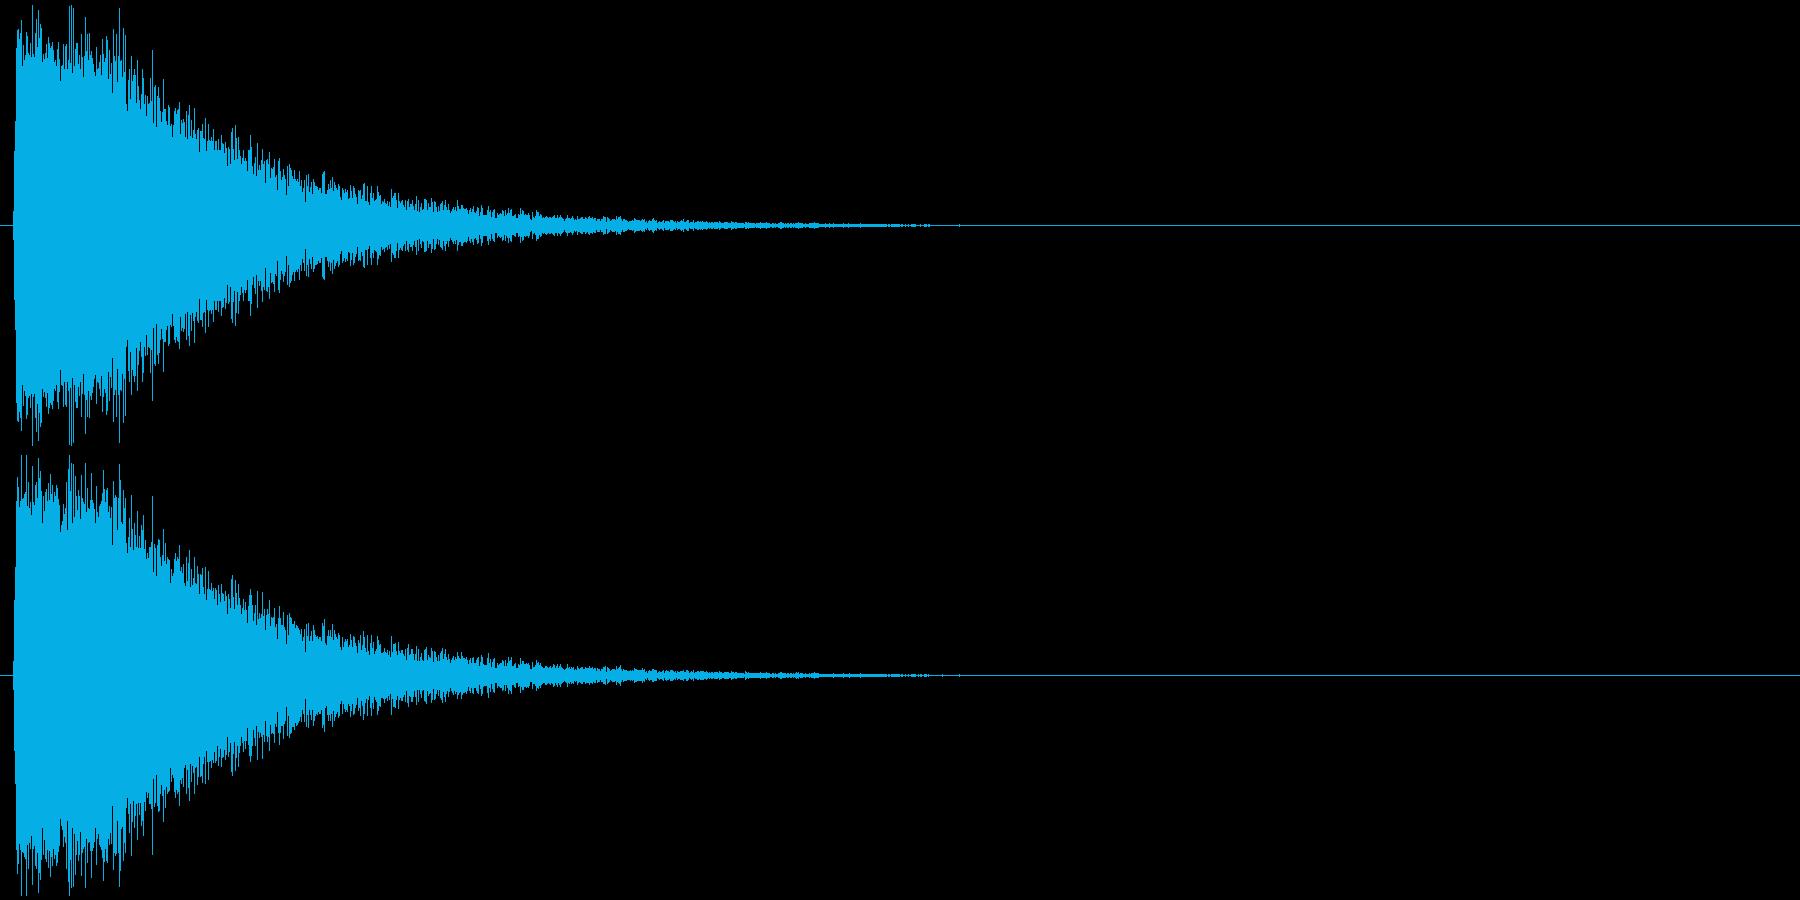 派手なレーザー発射 ピシューン 砲撃 の再生済みの波形